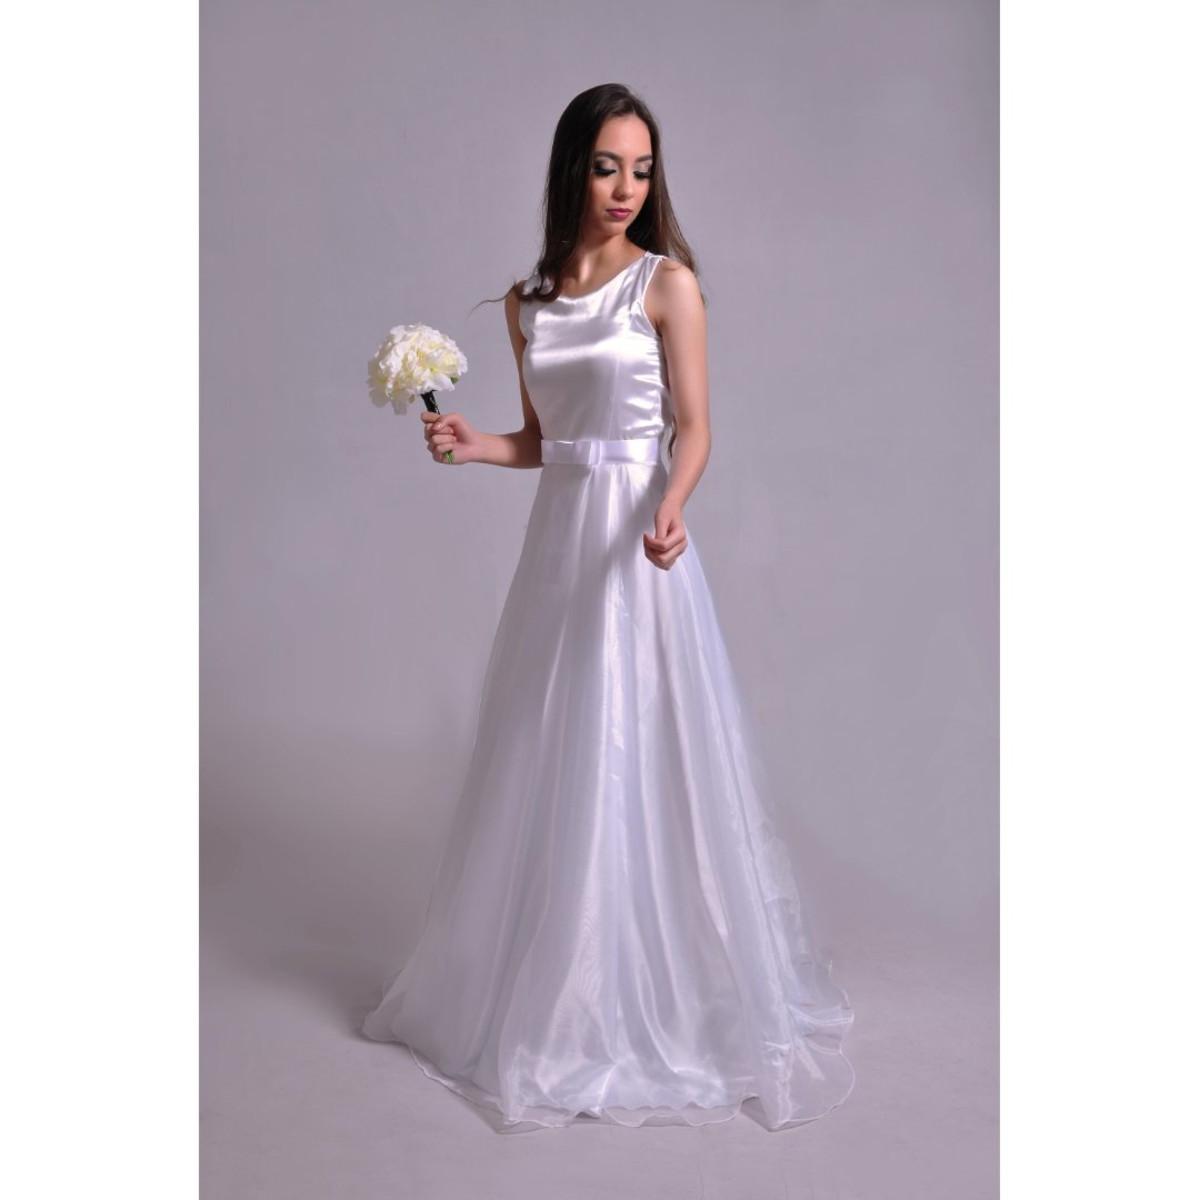 229986e74 Vestido de Noiva Godê Simples com Laço Channel Mirian Buss no Elo7 ...